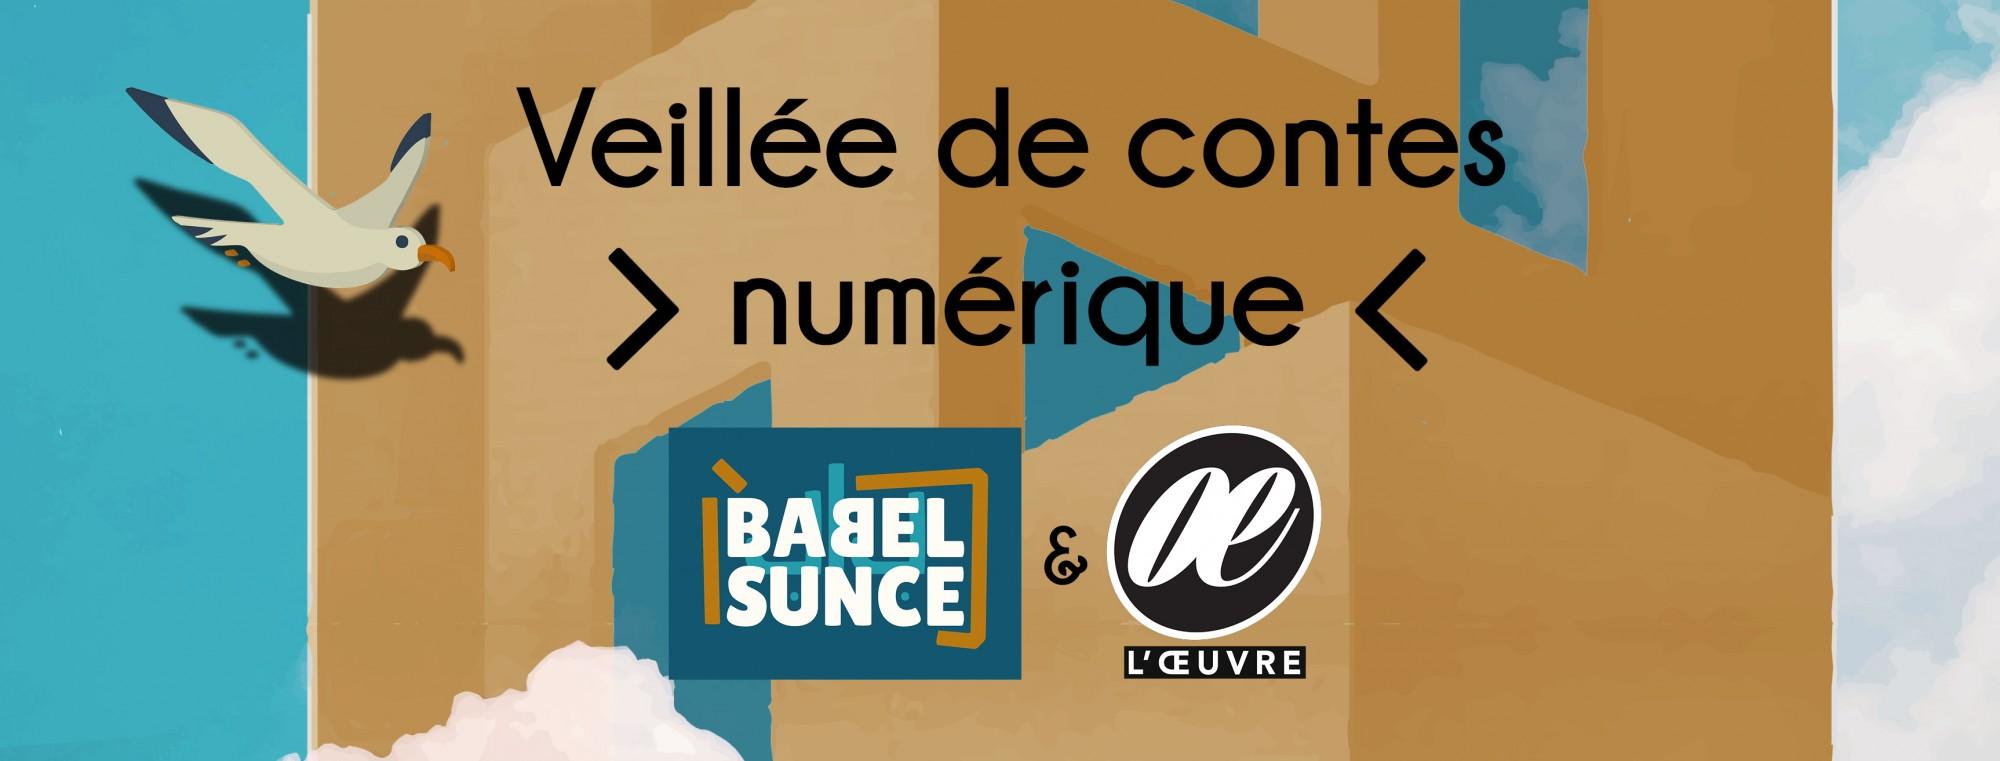 #3 Veillée (dé)confinée   Babelsunce & l'Œuvre